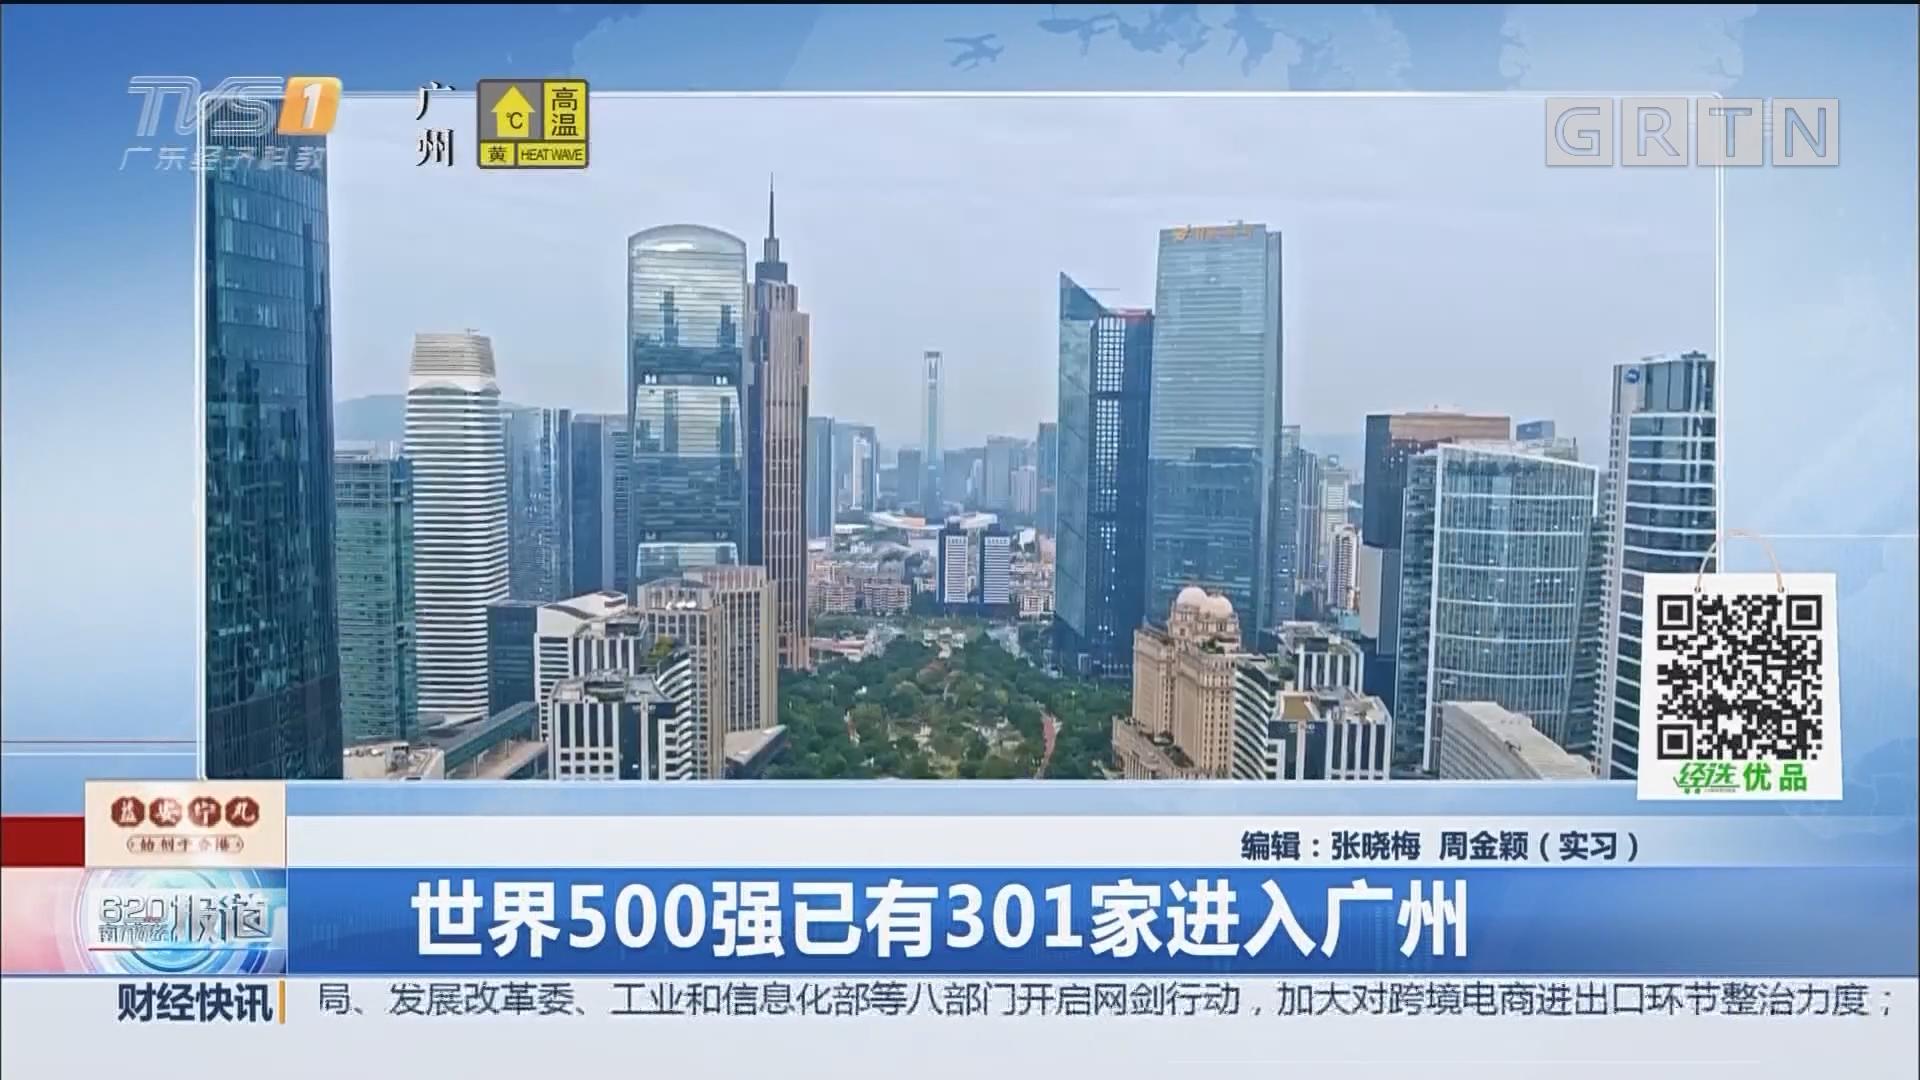 世界500强已有301家进入广州